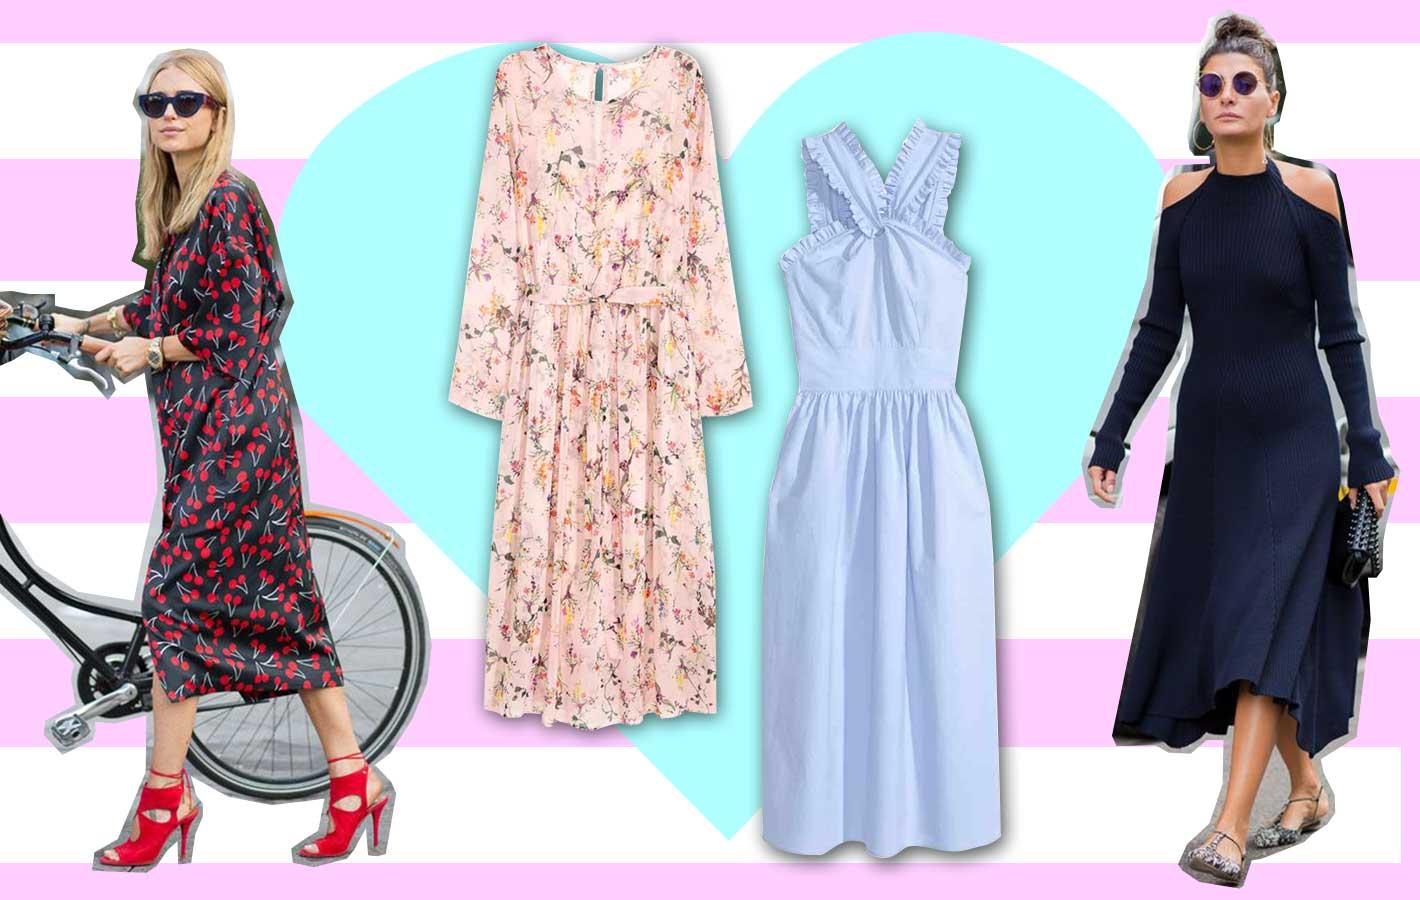 c66b1c71cc Modne sukienki z sieciówek - Fashion Post